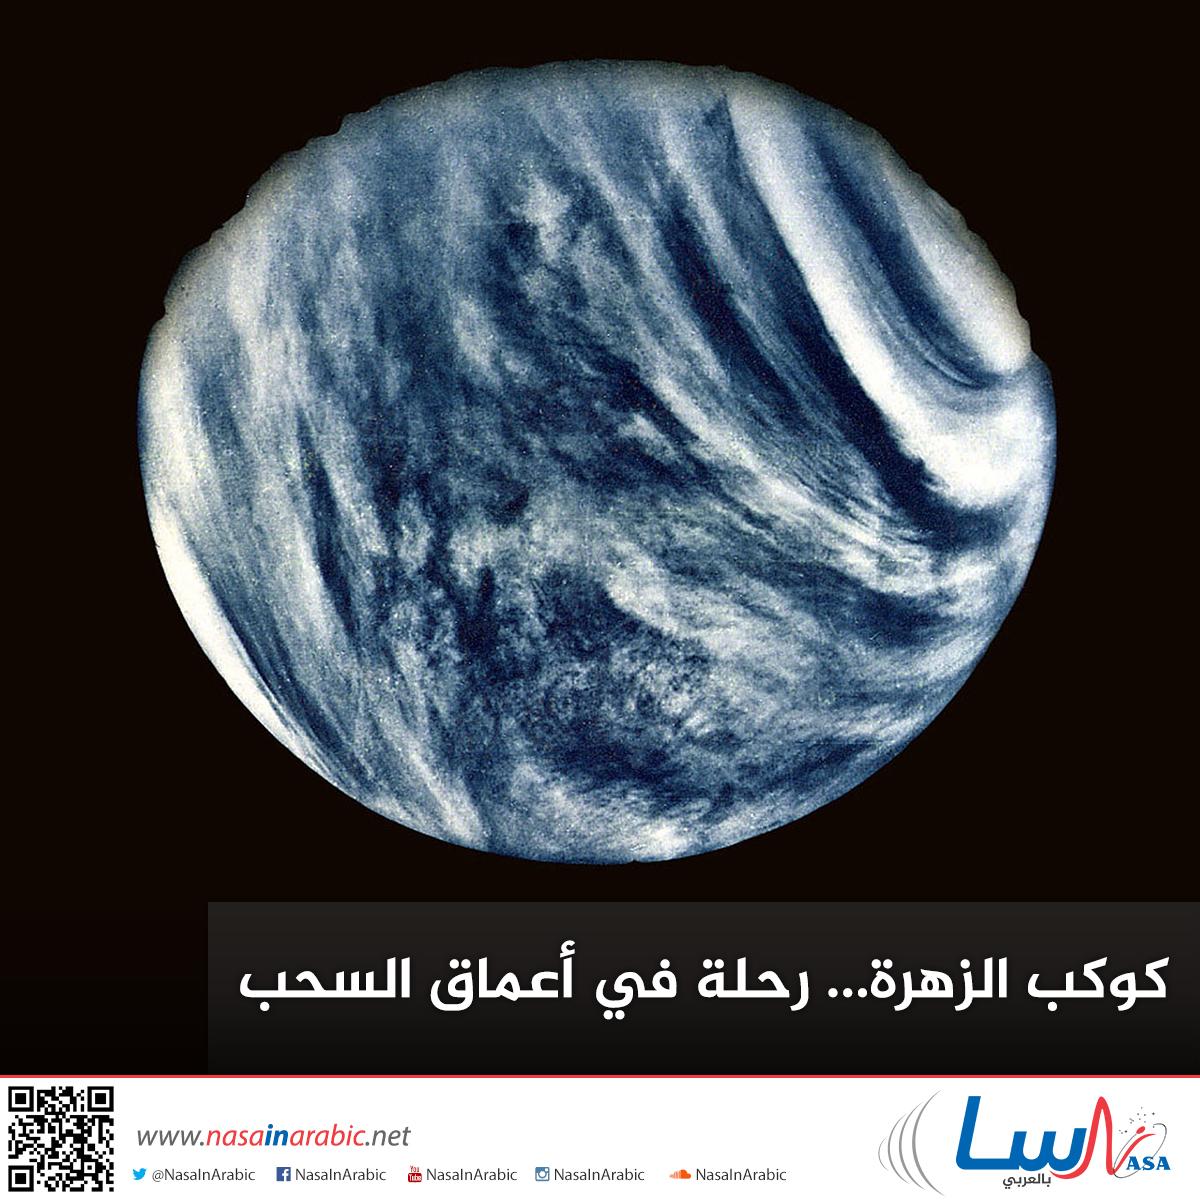 كوكب الزهرة... رحلة في أعماق السحب